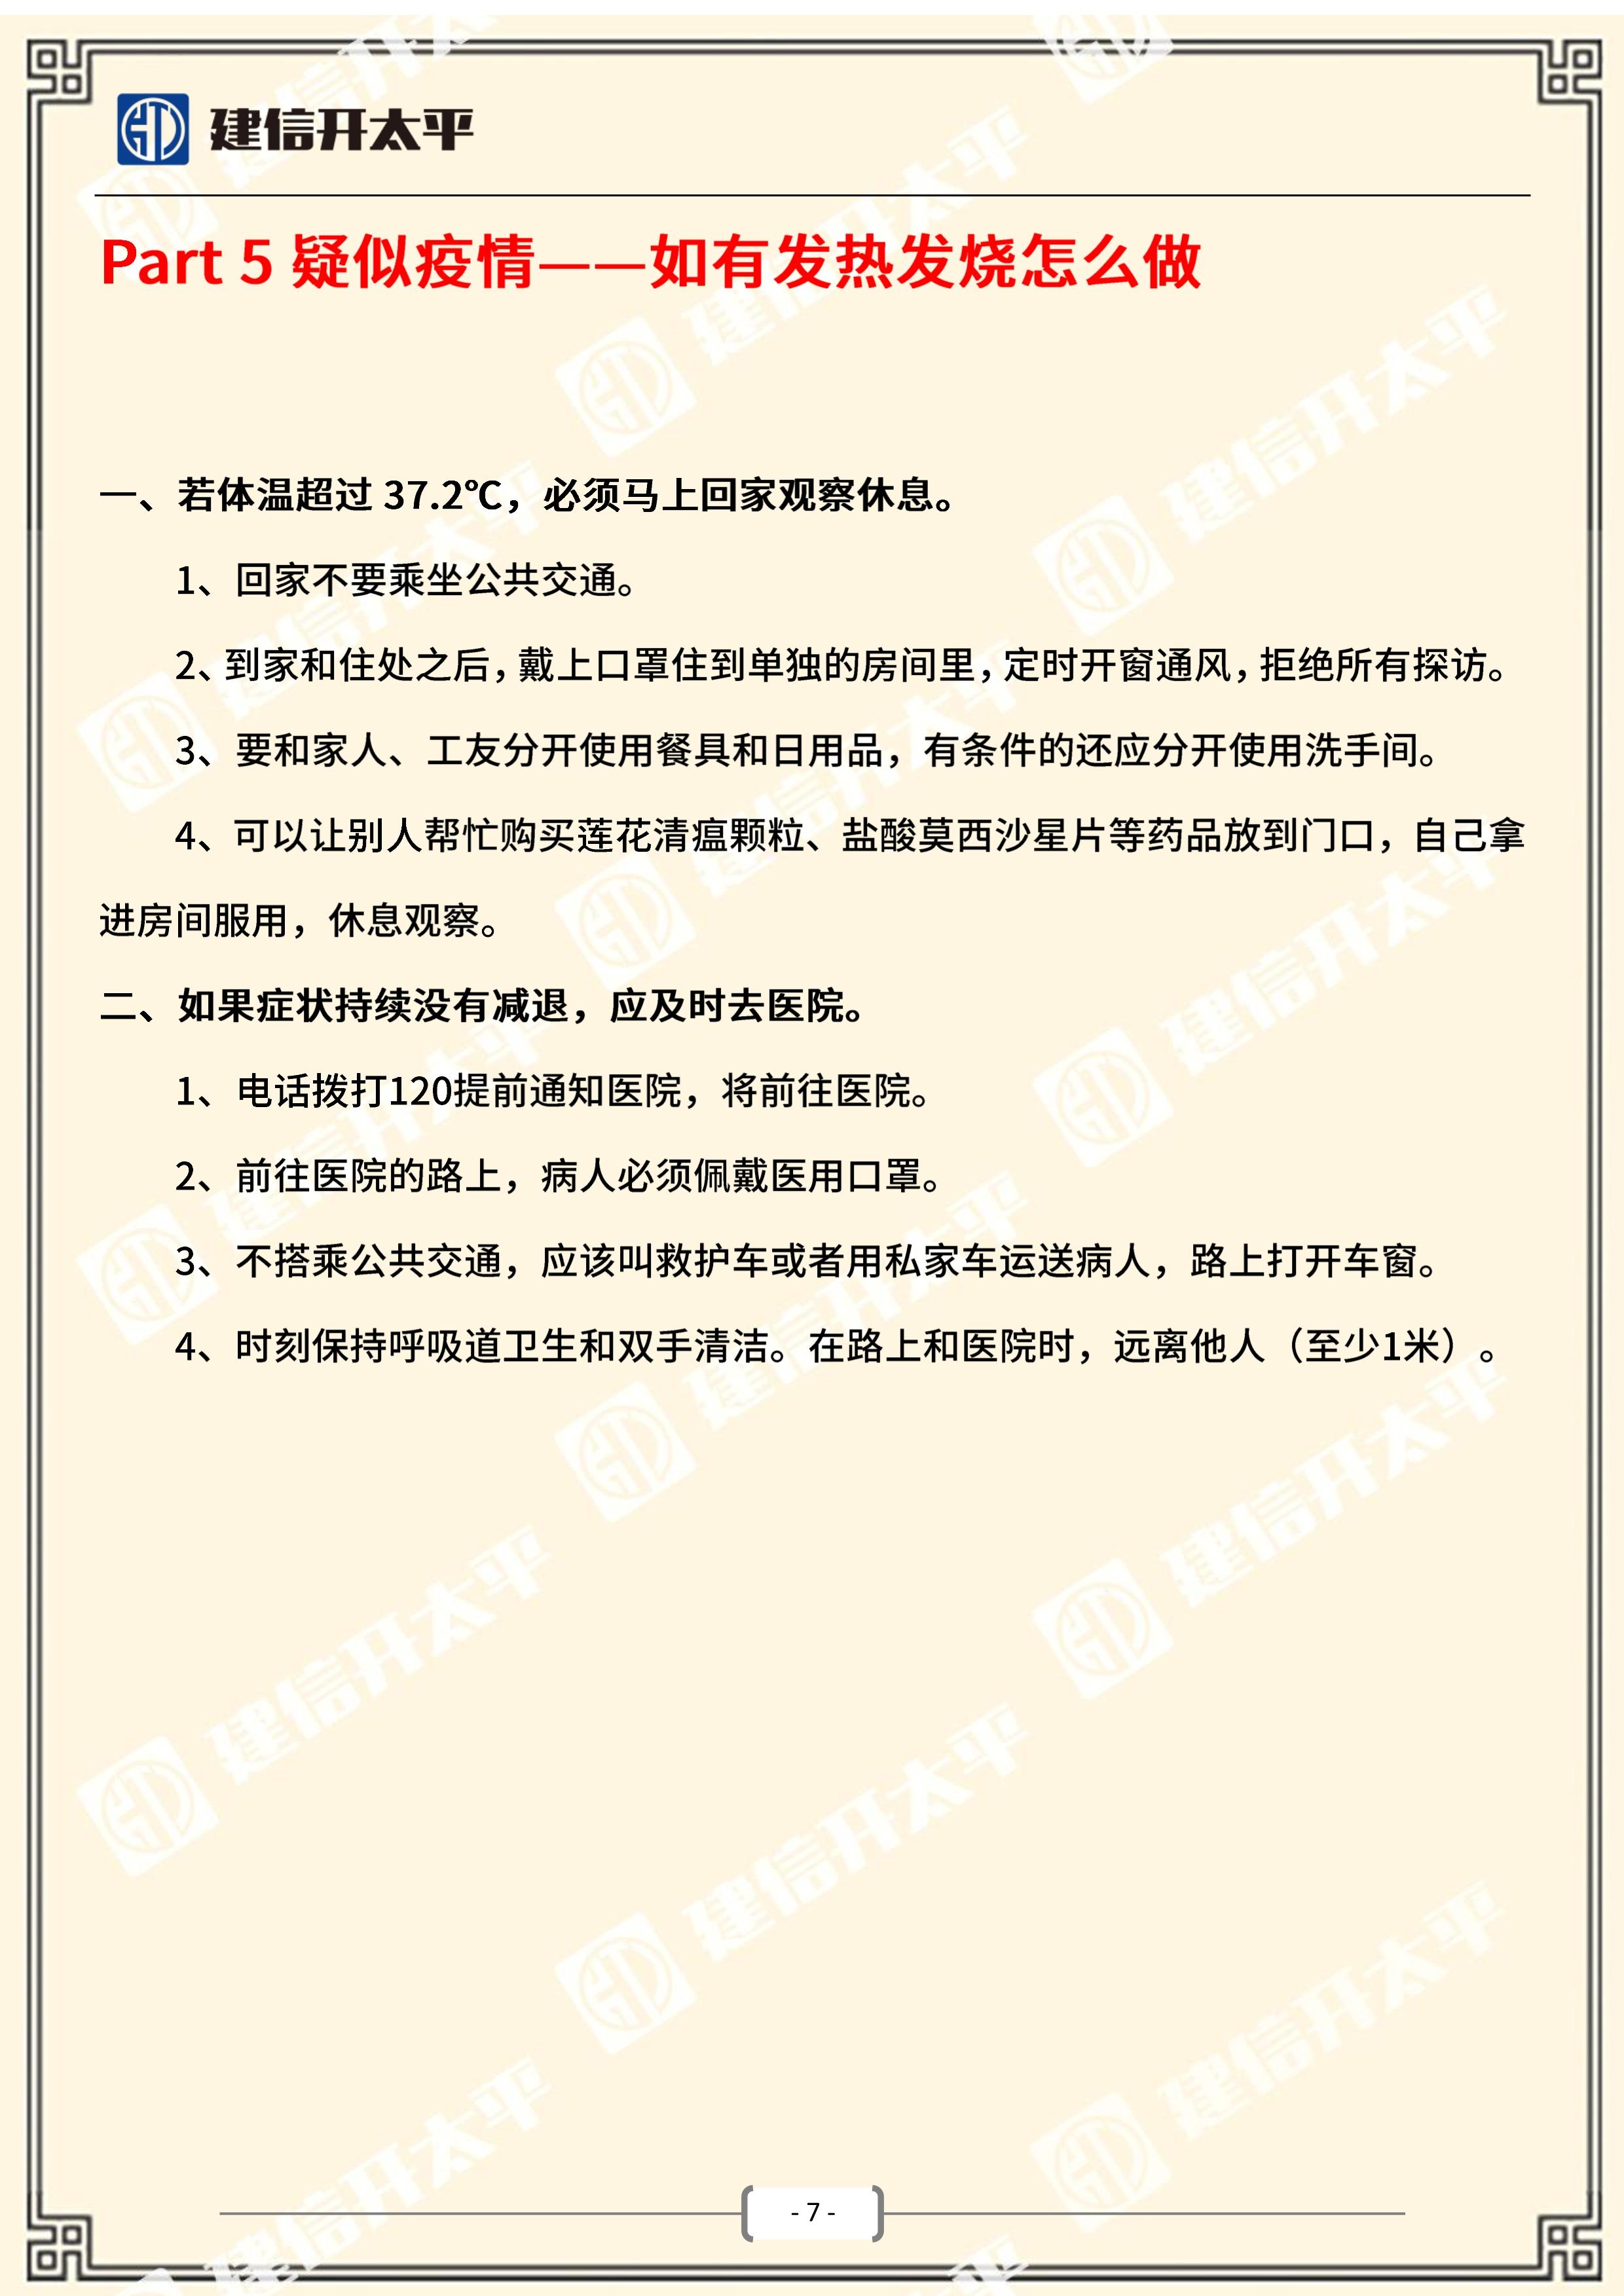 建信开太平建筑工人新冠病毒疫情防护手册2.5pm2.0 0208V2-7.jpg